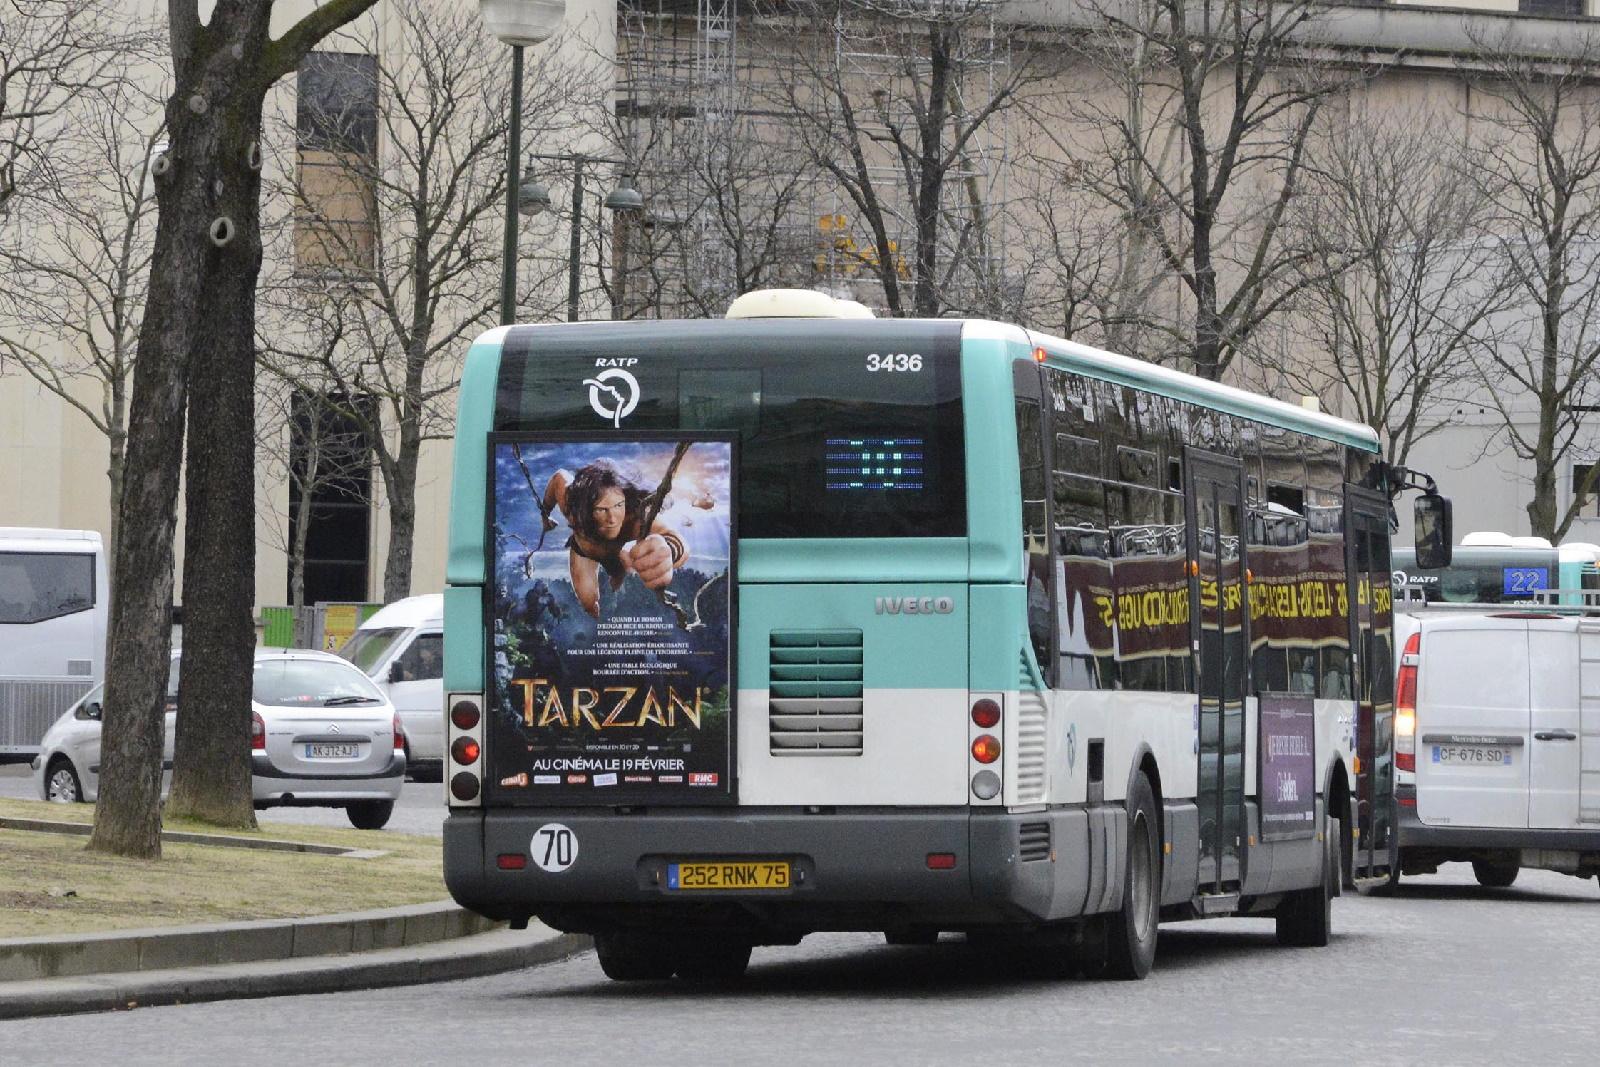 Metrobus lance un nouveau format publicitaire bus tr s forte visibilit l - Reseau transport capital ...